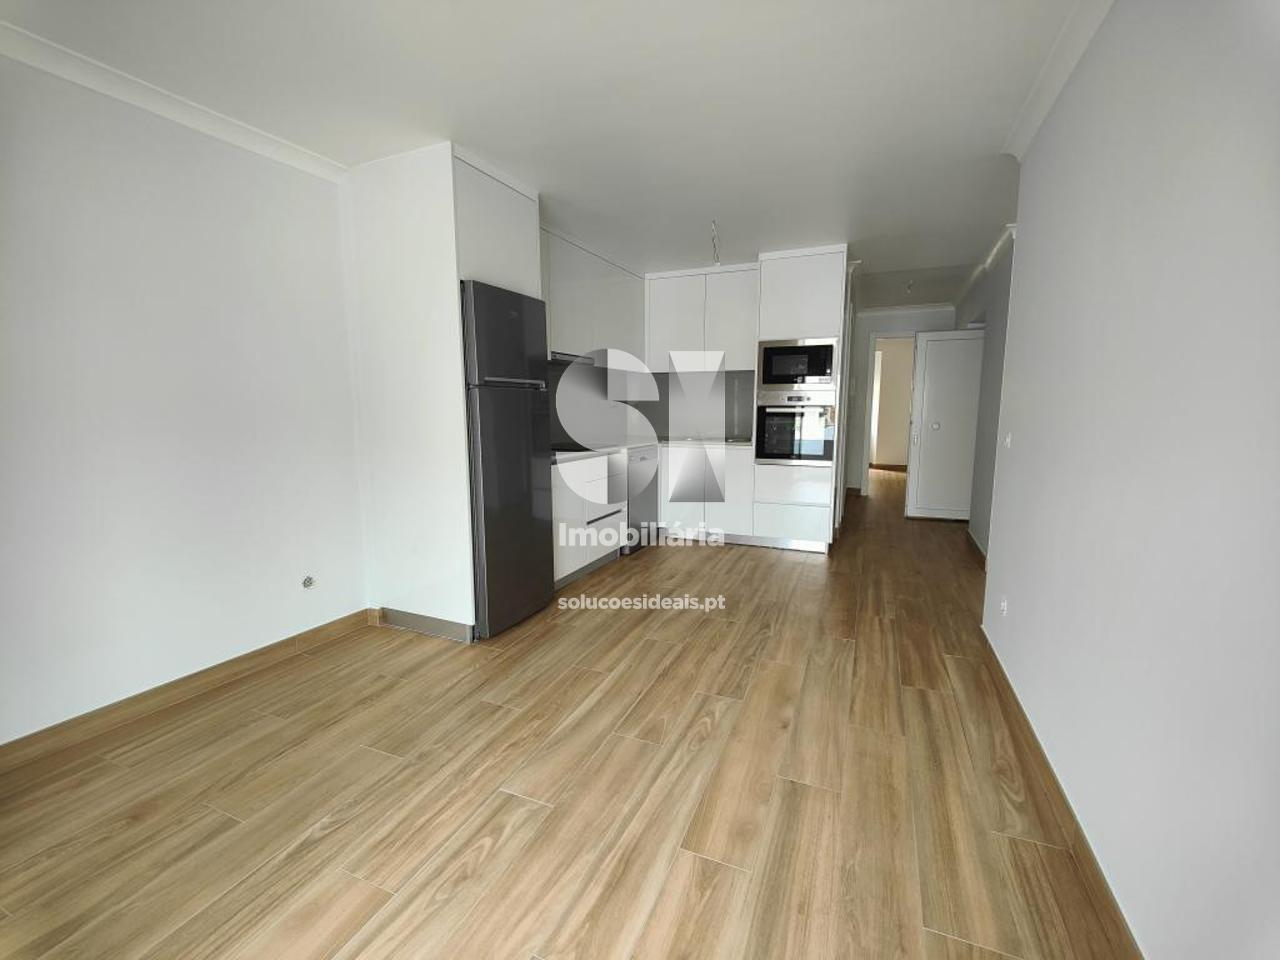 apartamento t2 para compra em peniche peniche LFCVC857